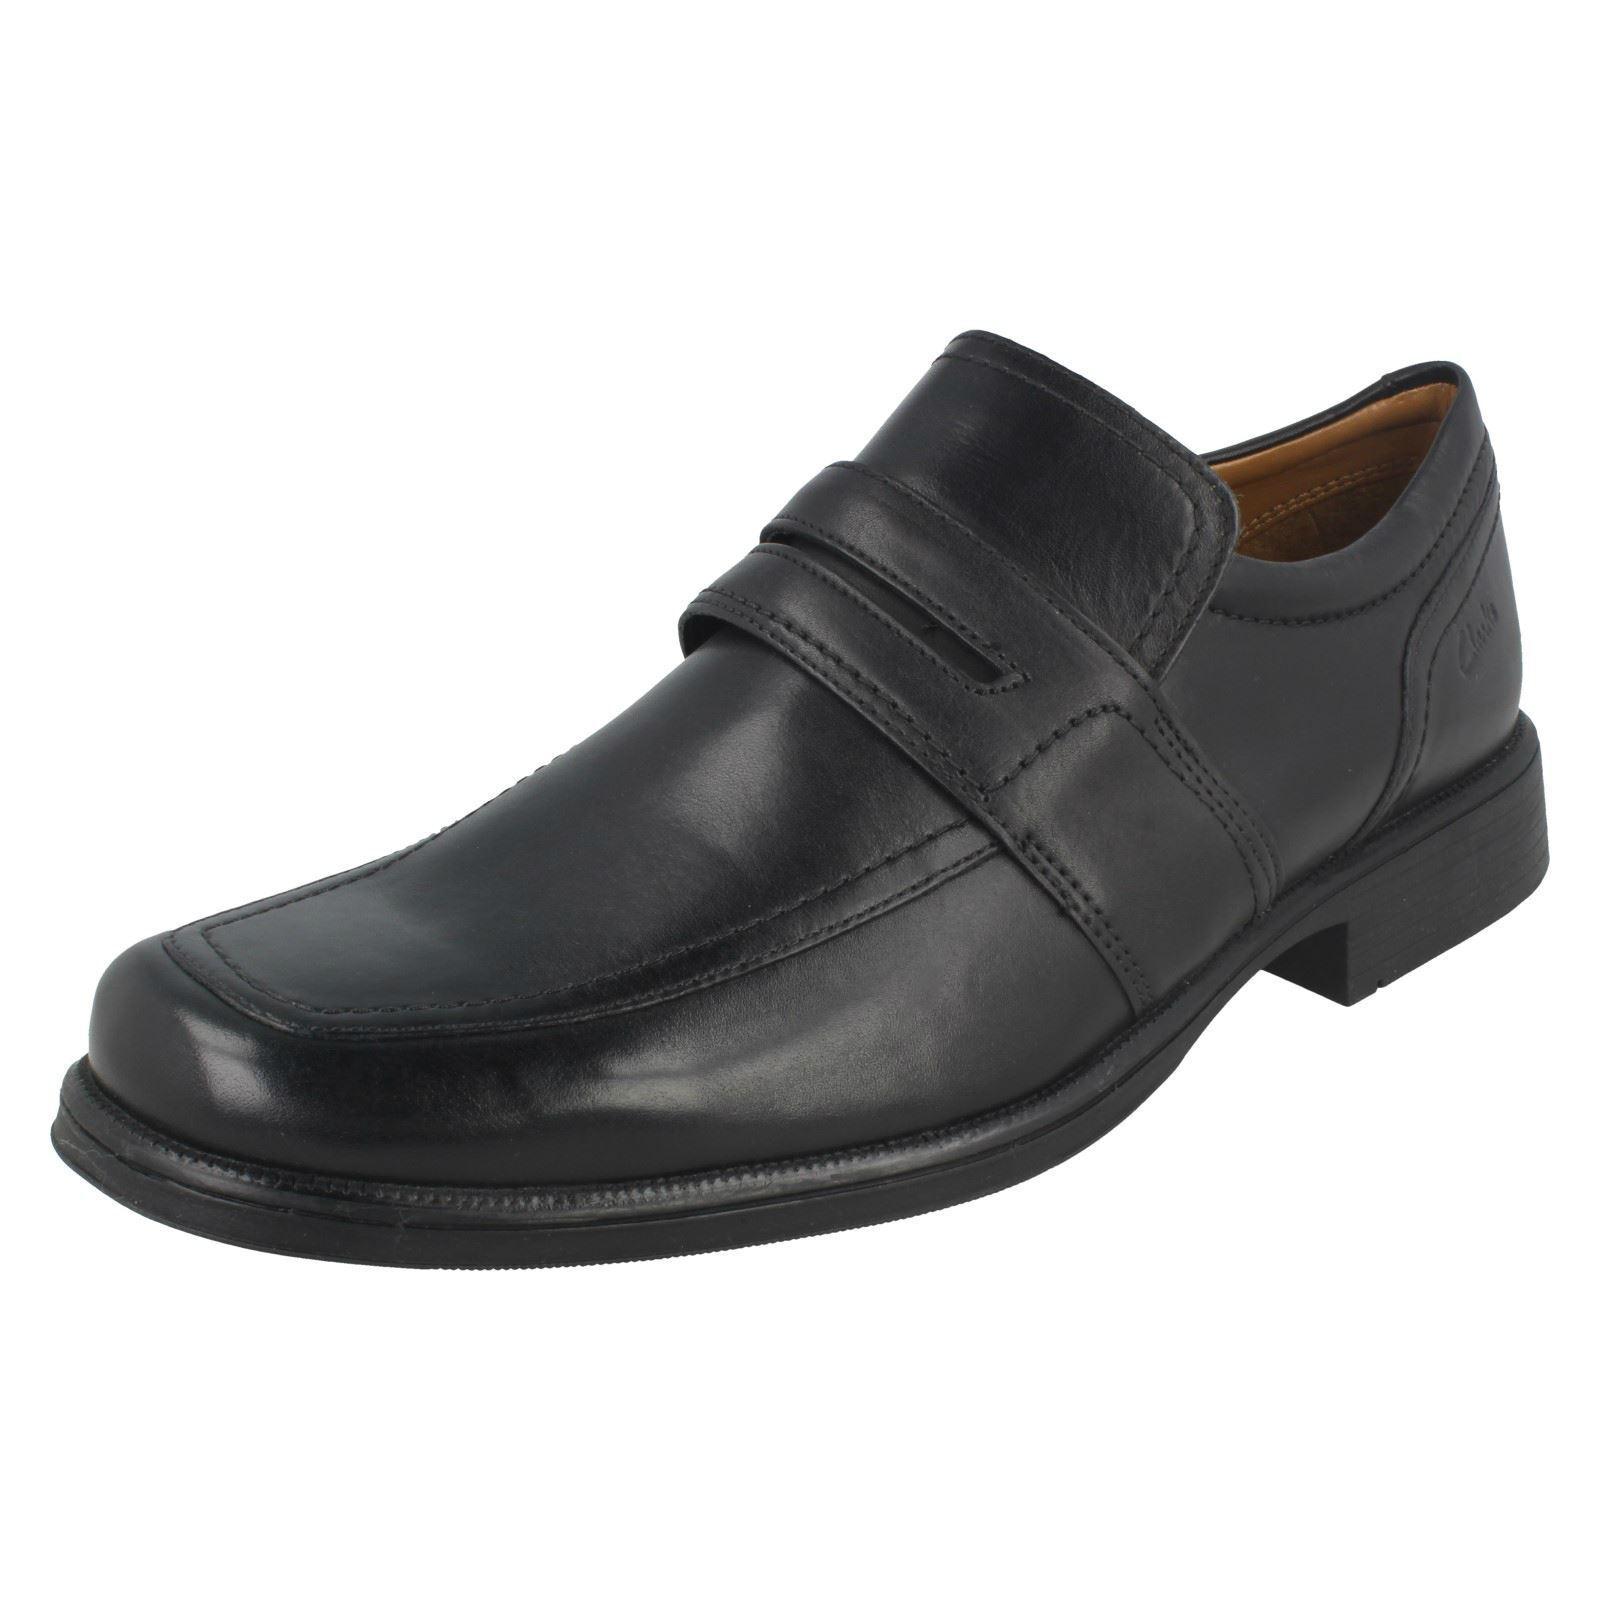 Herren Herren Herren Clarks Formal Slip On Schuhes Huckley Work e38fb5